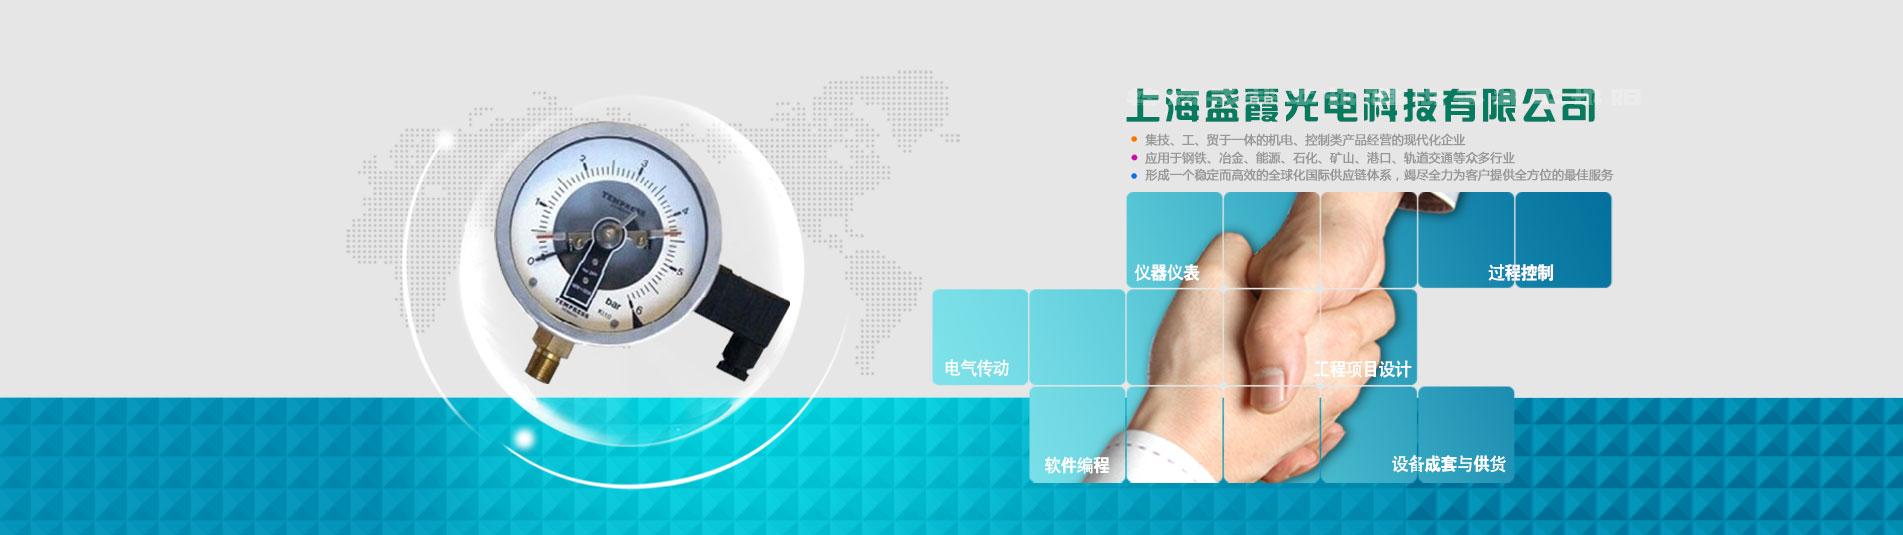 壓力傳送器廠家_ 上海盛霞光電科技有限公司